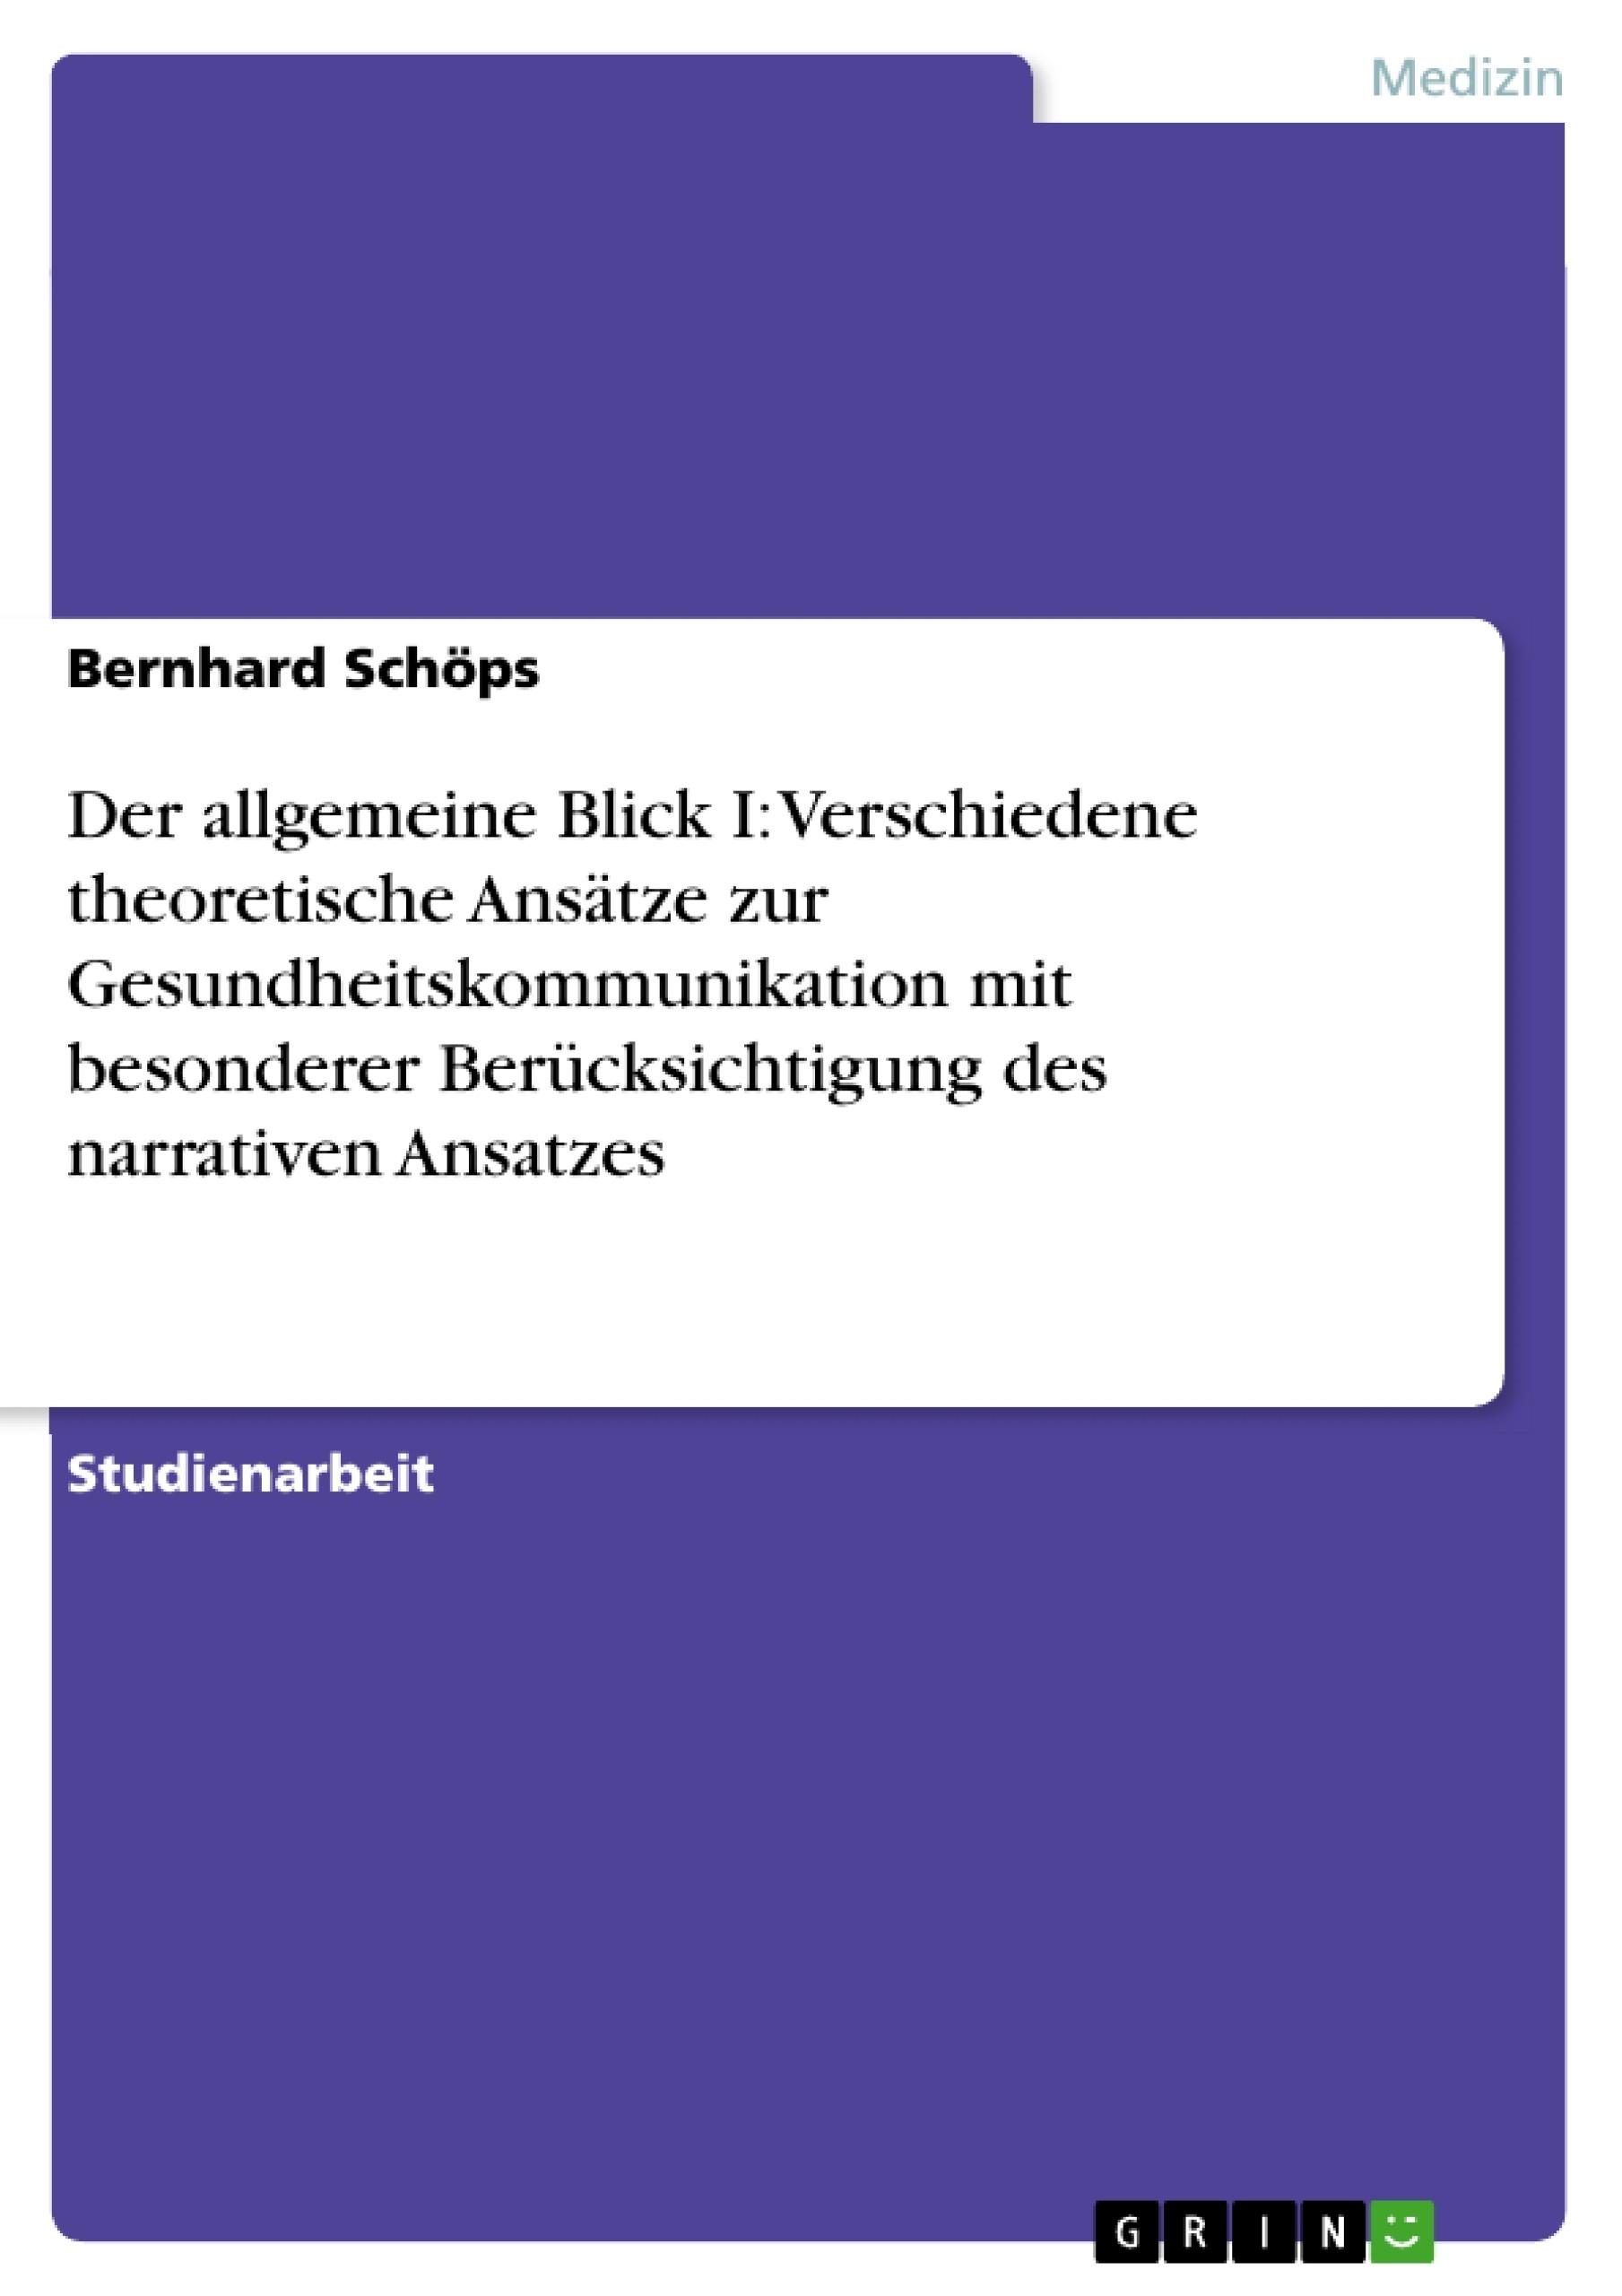 Titel: Der allgemeine Blick I: Verschiedene theoretische Ansätze zur Gesundheitskommunikation mit besonderer Berücksichtigung des narrativen Ansatzes